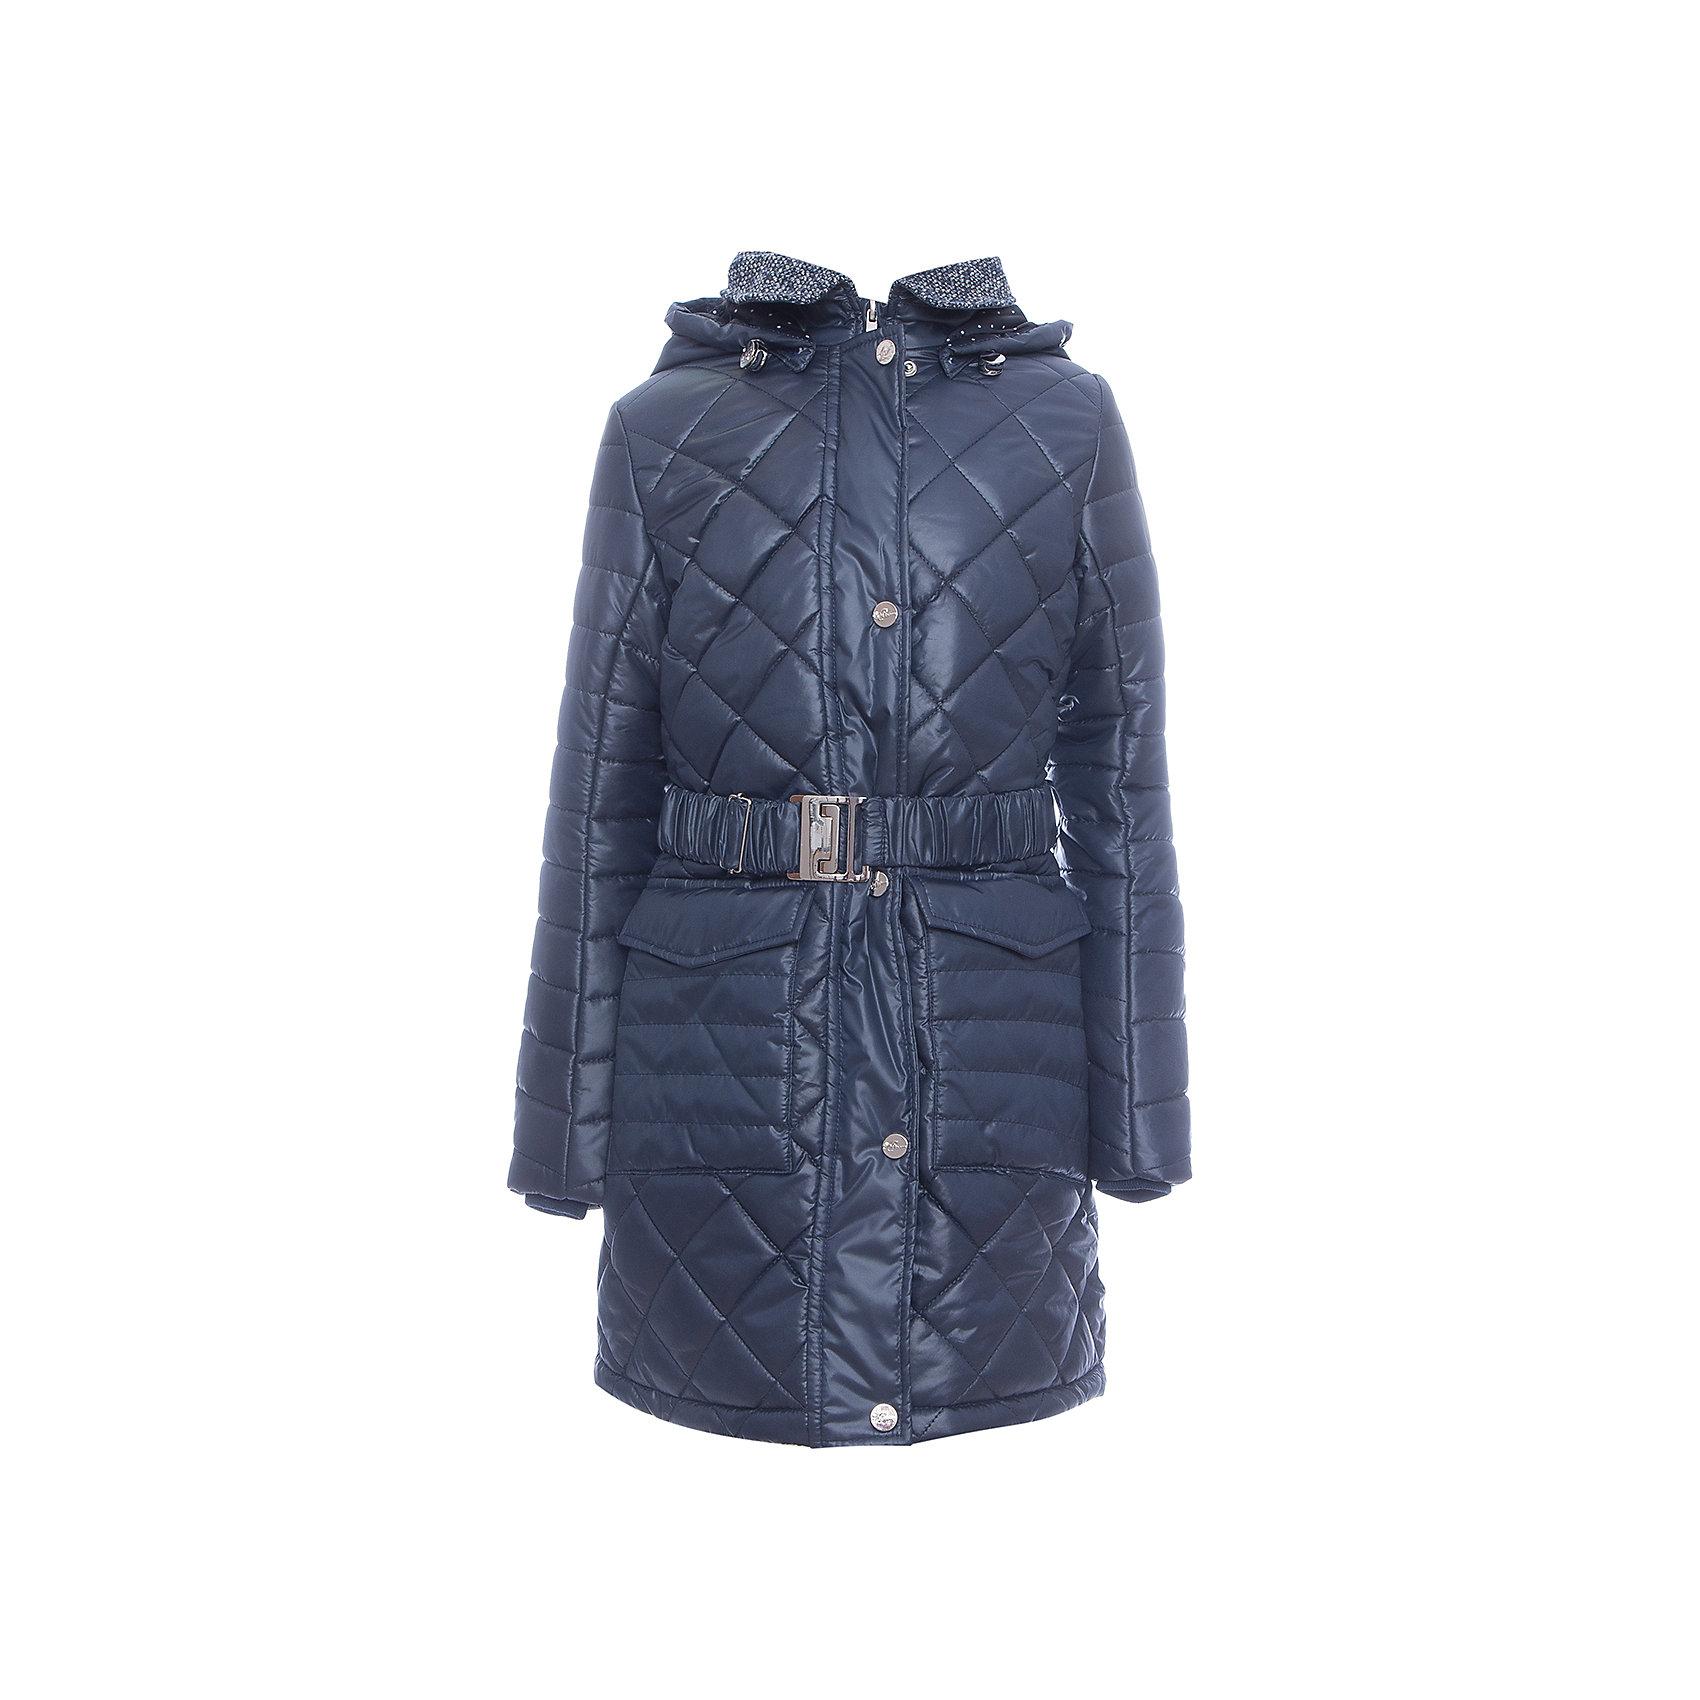 Пальто BOOM by Orby для девочкиВерхняя одежда<br>Характеристики товара:<br><br>• цвет: синий<br>• ткань верха: Таффета oil cire pu milky<br>• отделка: Драп<br>• подкладка: ПЭ пуходержащий<br>• утеплитель: Flexy Fiber 200 г/м2<br>• сезон: демисезон<br>• температурный режим: от -5°до +10°С<br>• особенности: на молнии, стеганая<br>• тип пальто: стеганое<br>• капюшон: без меха<br>• страна бренда: Россия<br>• страна изготовитель: Россия<br><br>Детское пальто для межсезонья не только теплое, но и оригинальное. Оно поможет ребенку одеться модно и удобно в прохладную сырую погоду.<br><br>Пальто BOOM by Orby для девочки можно купить в нашем интернет-магазине.<br><br>Ширина мм: 356<br>Глубина мм: 10<br>Высота мм: 245<br>Вес г: 519<br>Цвет: синий<br>Возраст от месяцев: 168<br>Возраст до месяцев: 180<br>Пол: Женский<br>Возраст: Детский<br>Размер: 170,122,128,134,140,146,152,158,164<br>SKU: 7007084